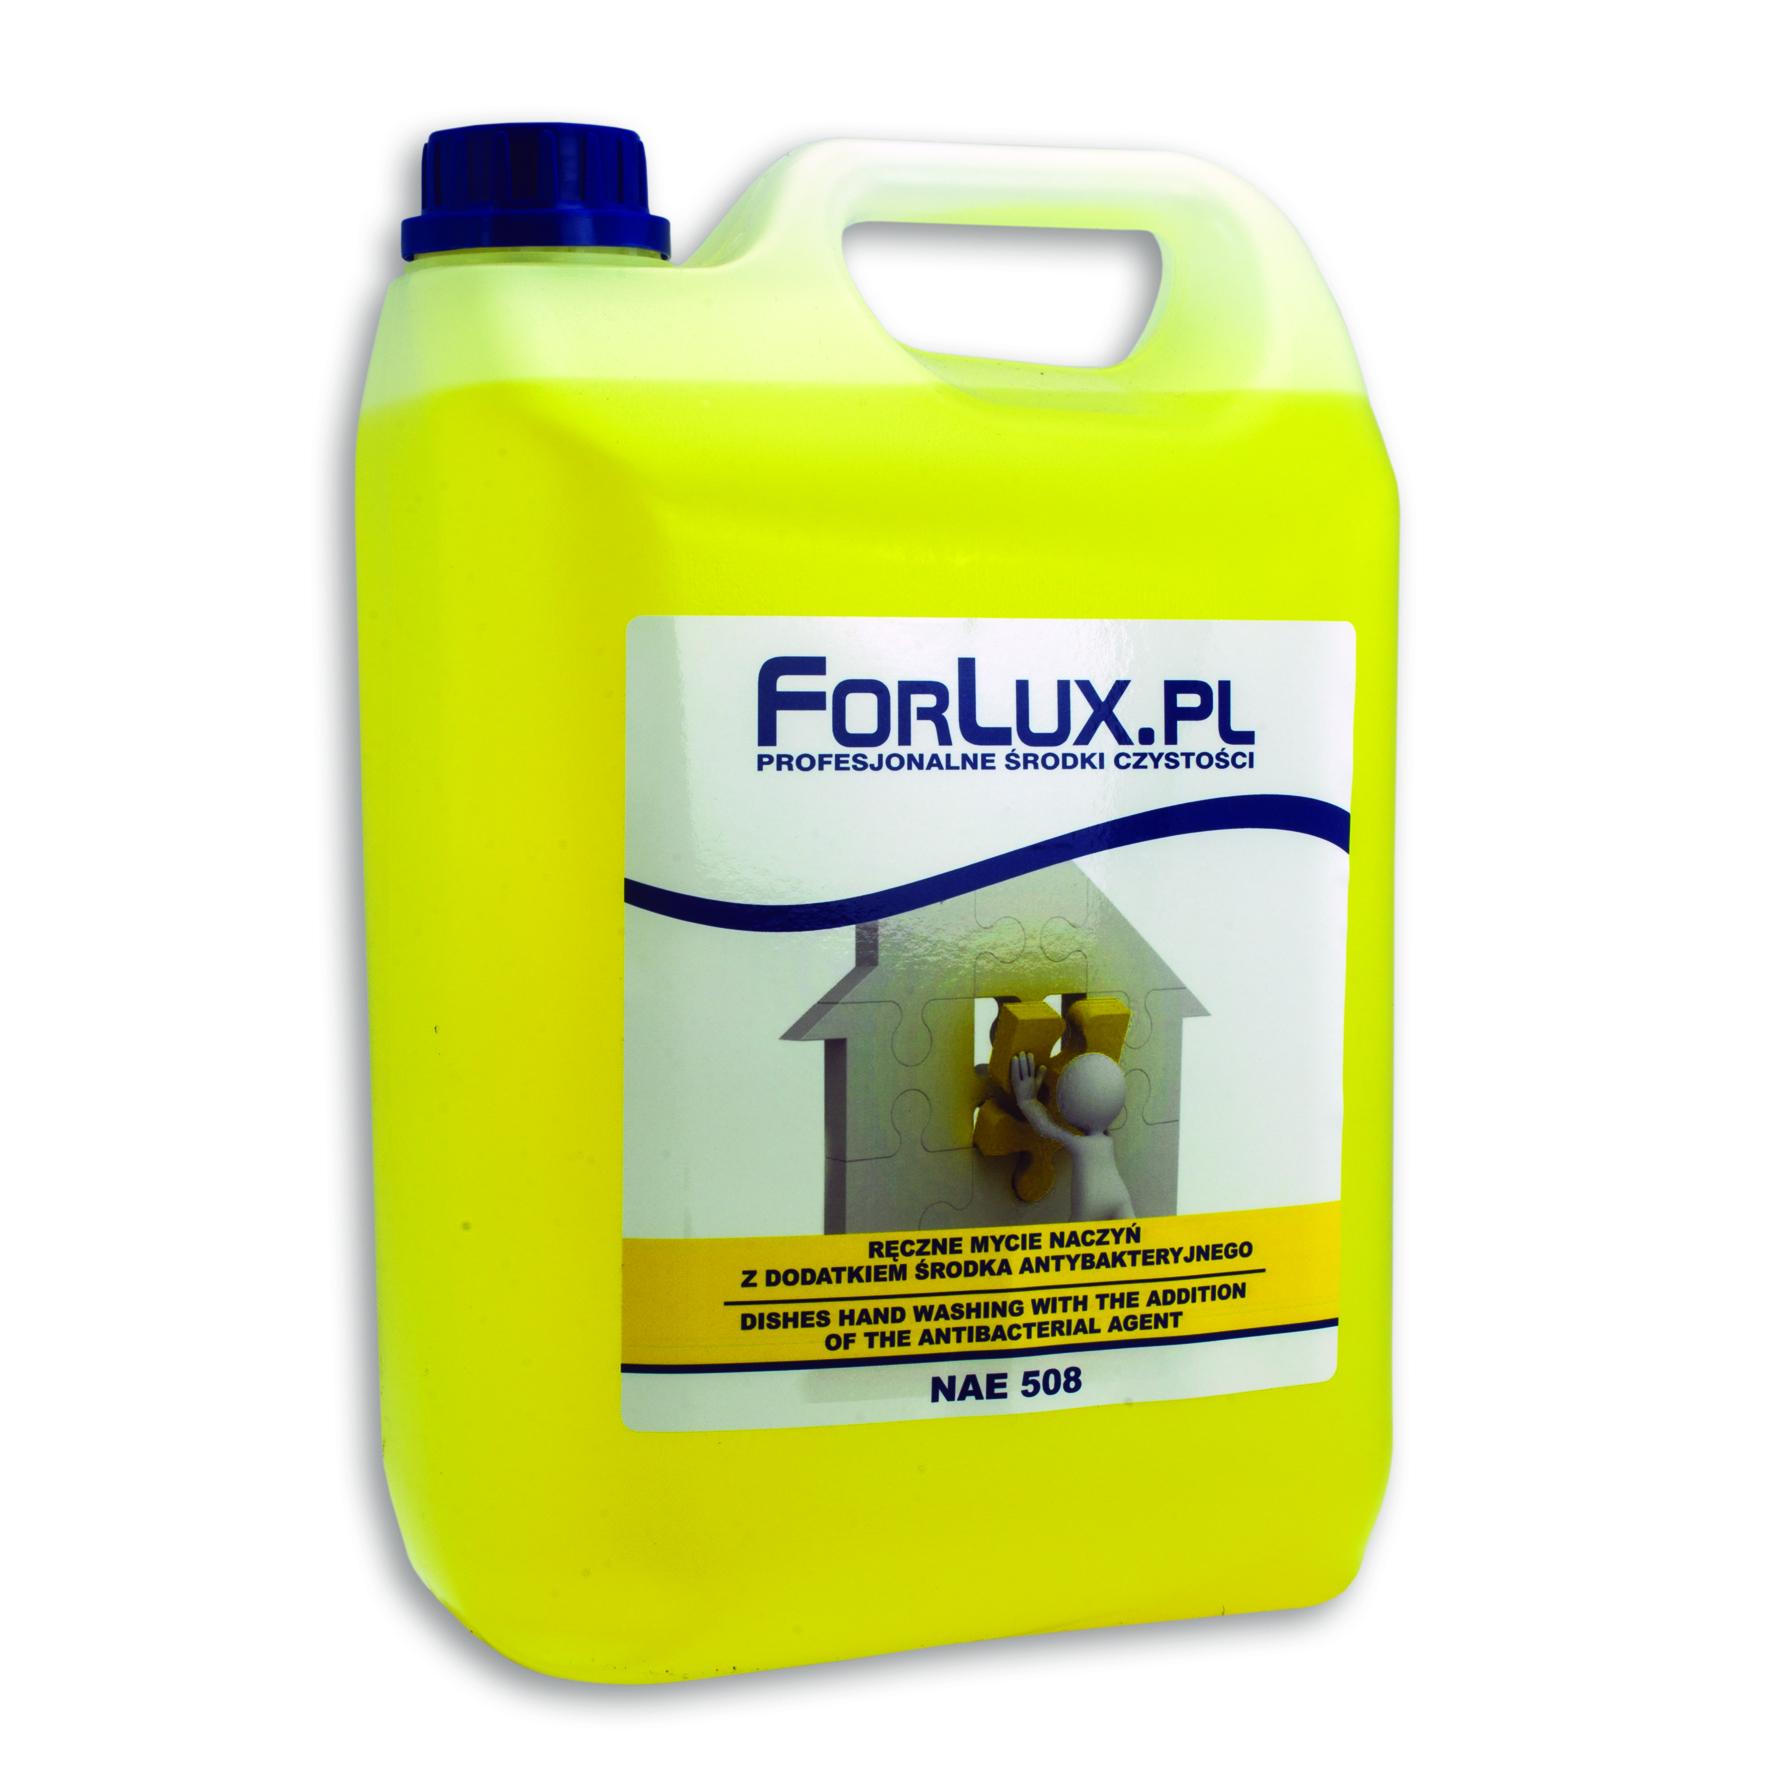 FORLUX NAE 08 Preparat do mycia naczyń ze środkiem antybakteryjnym